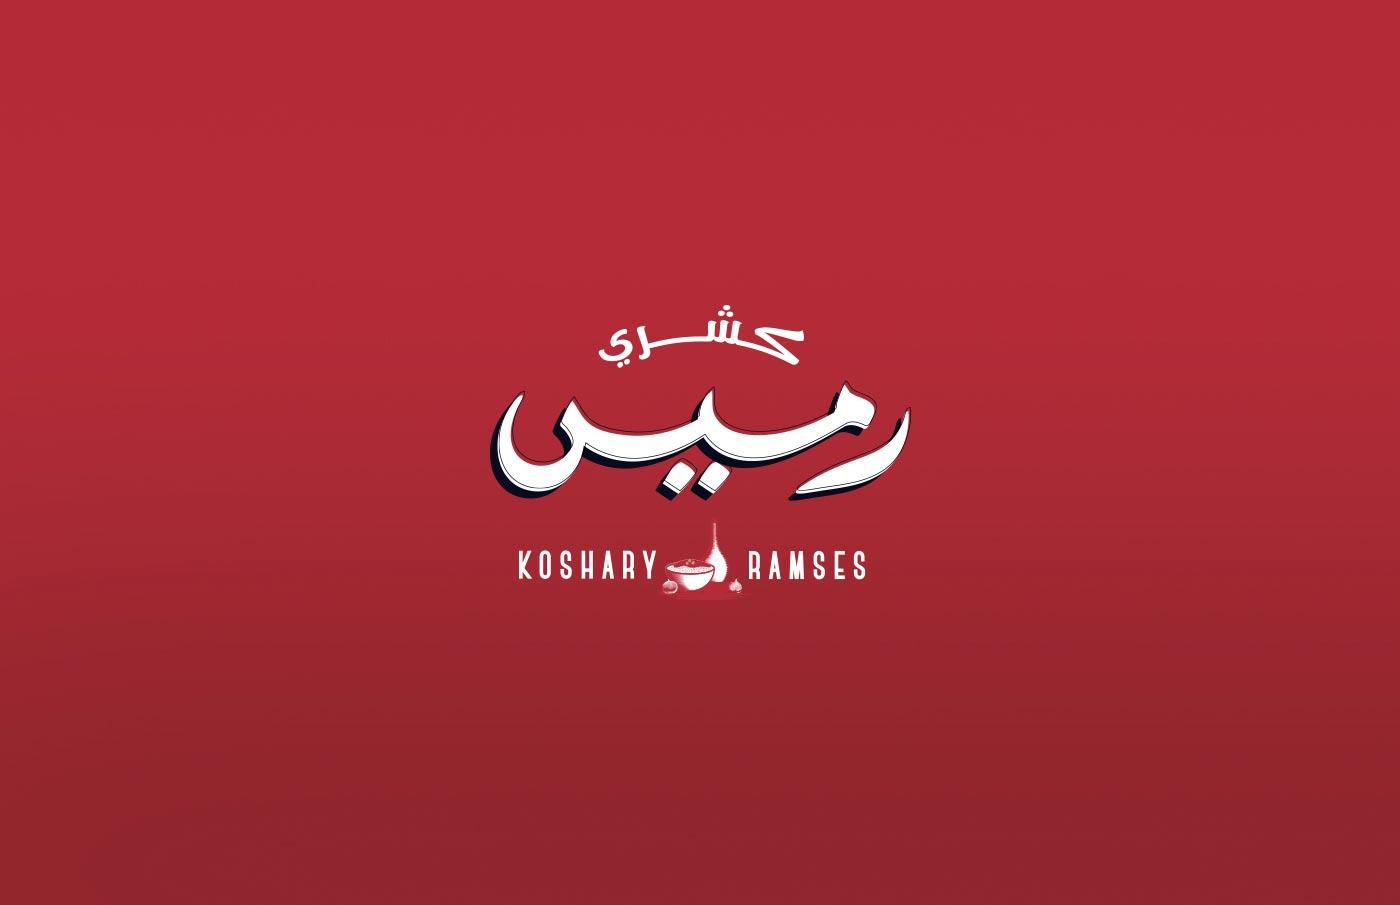 Koshary Ramsees